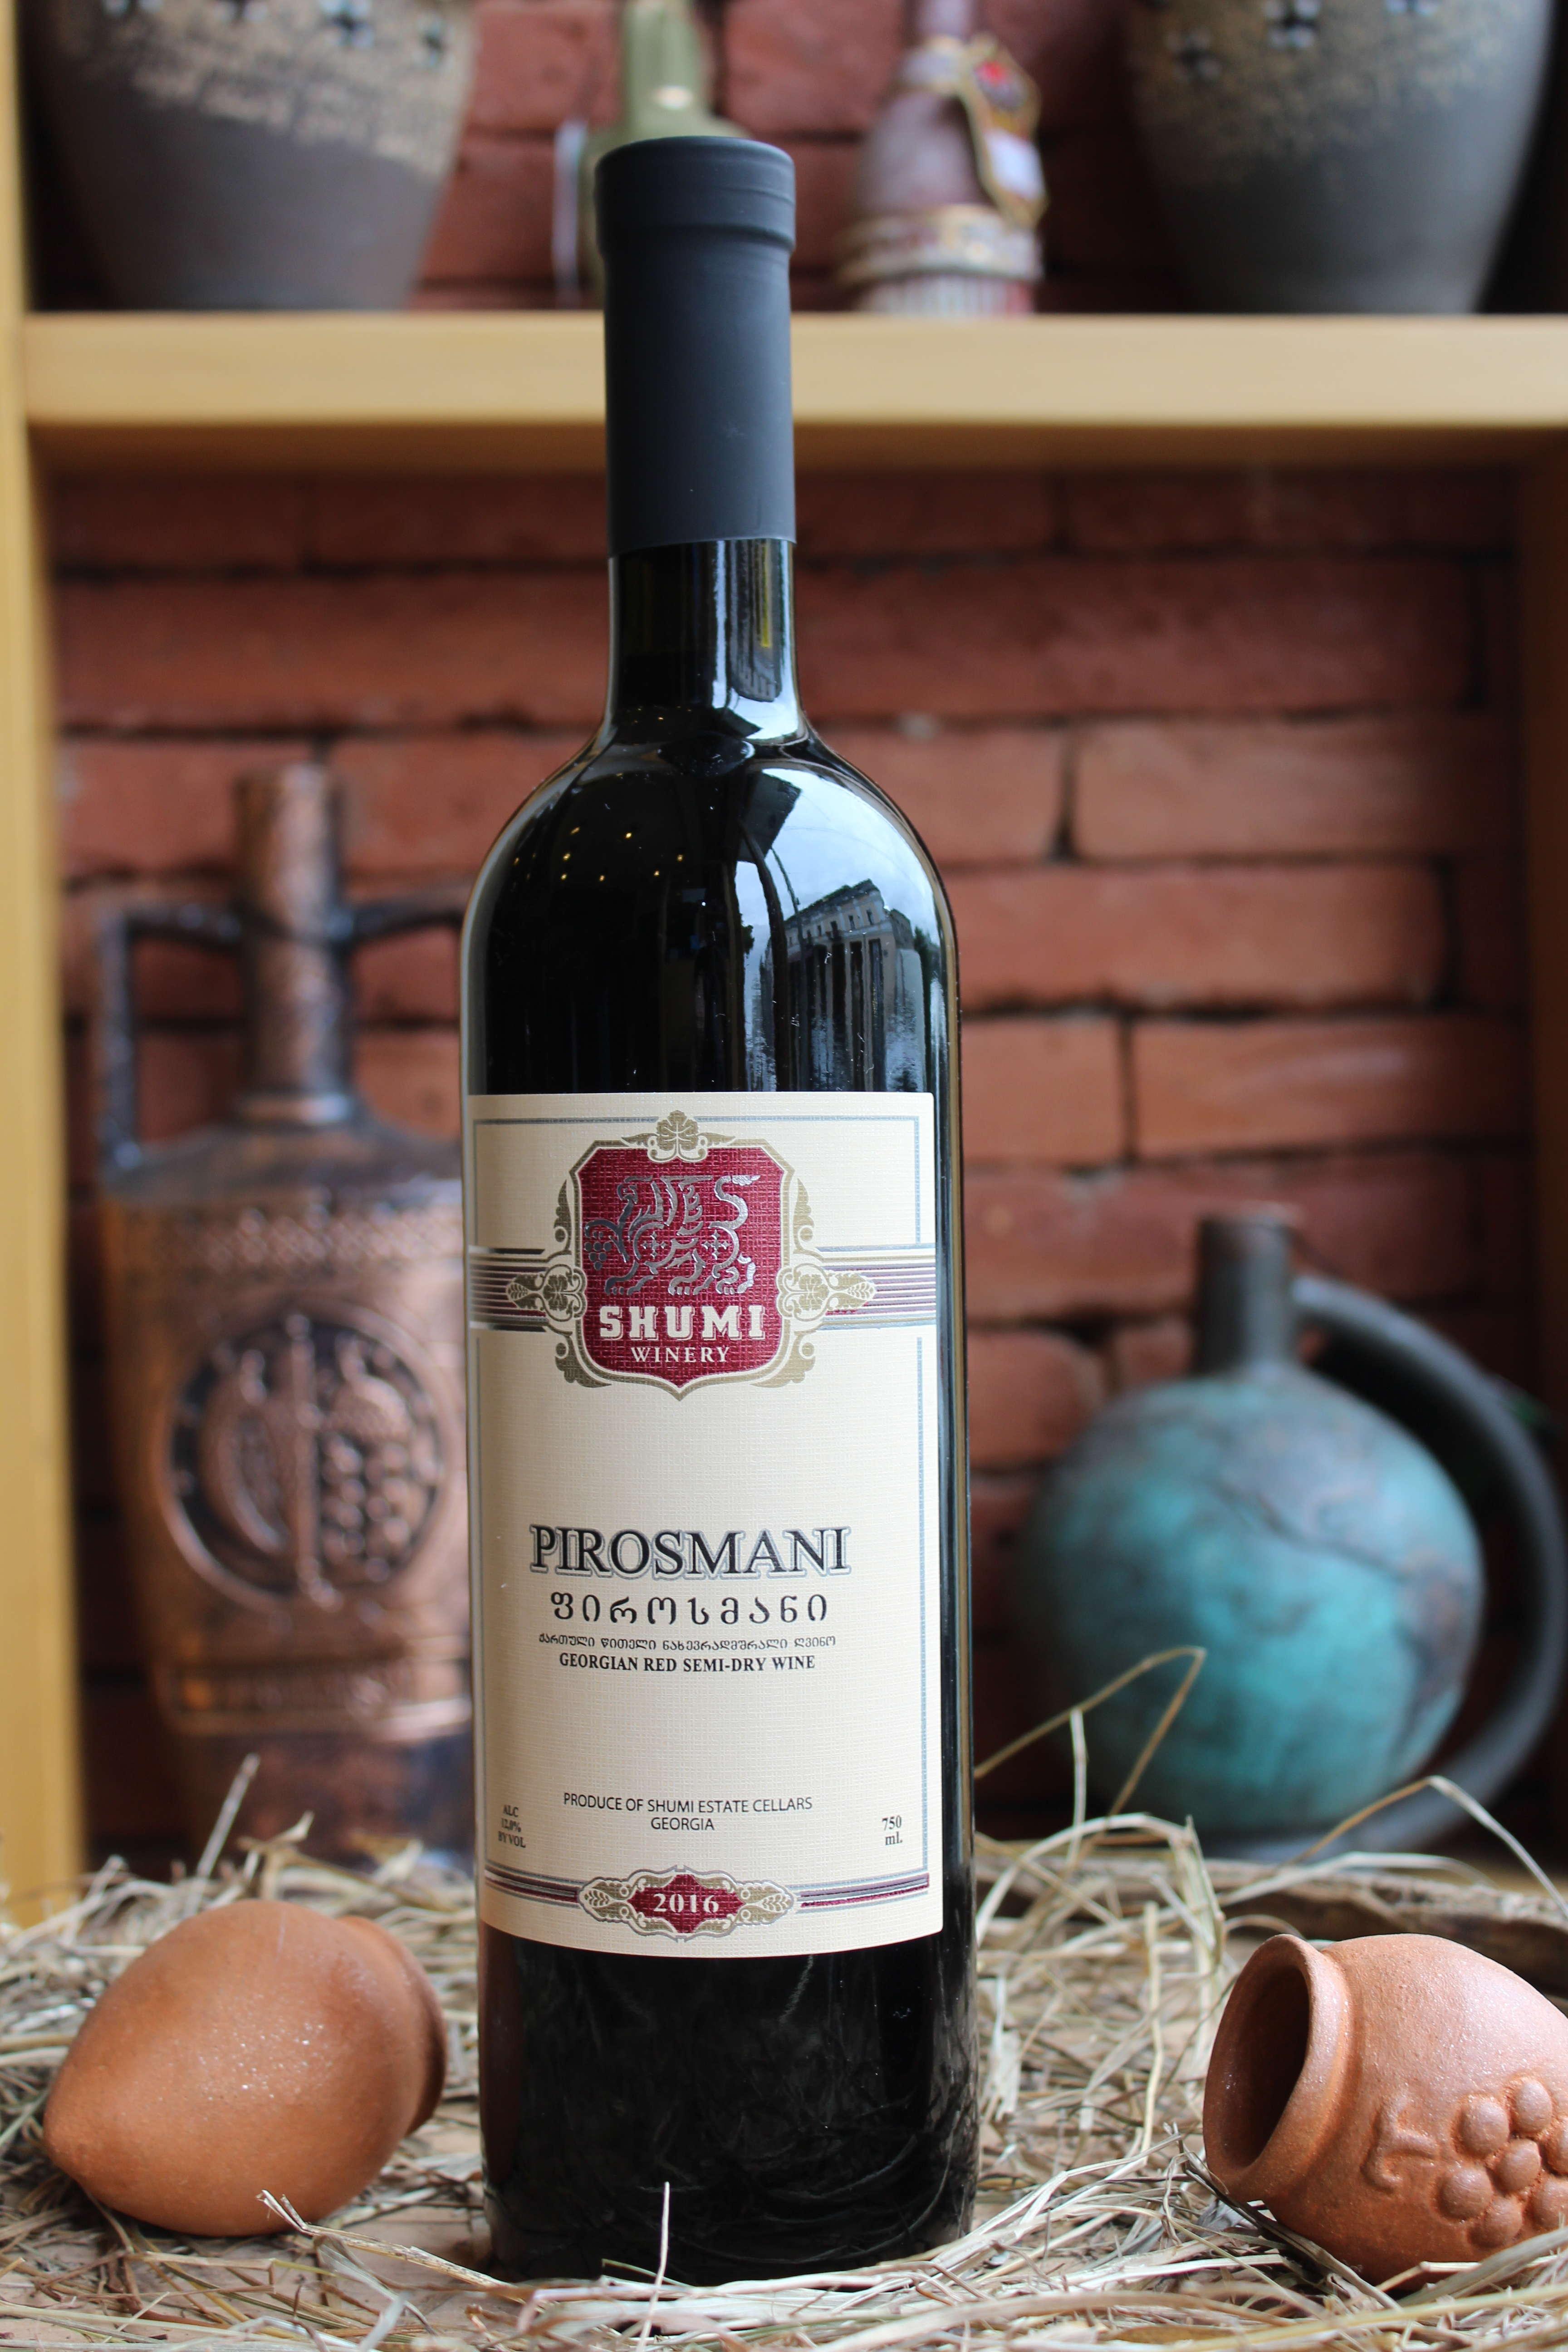 Shumi - Pirosmani